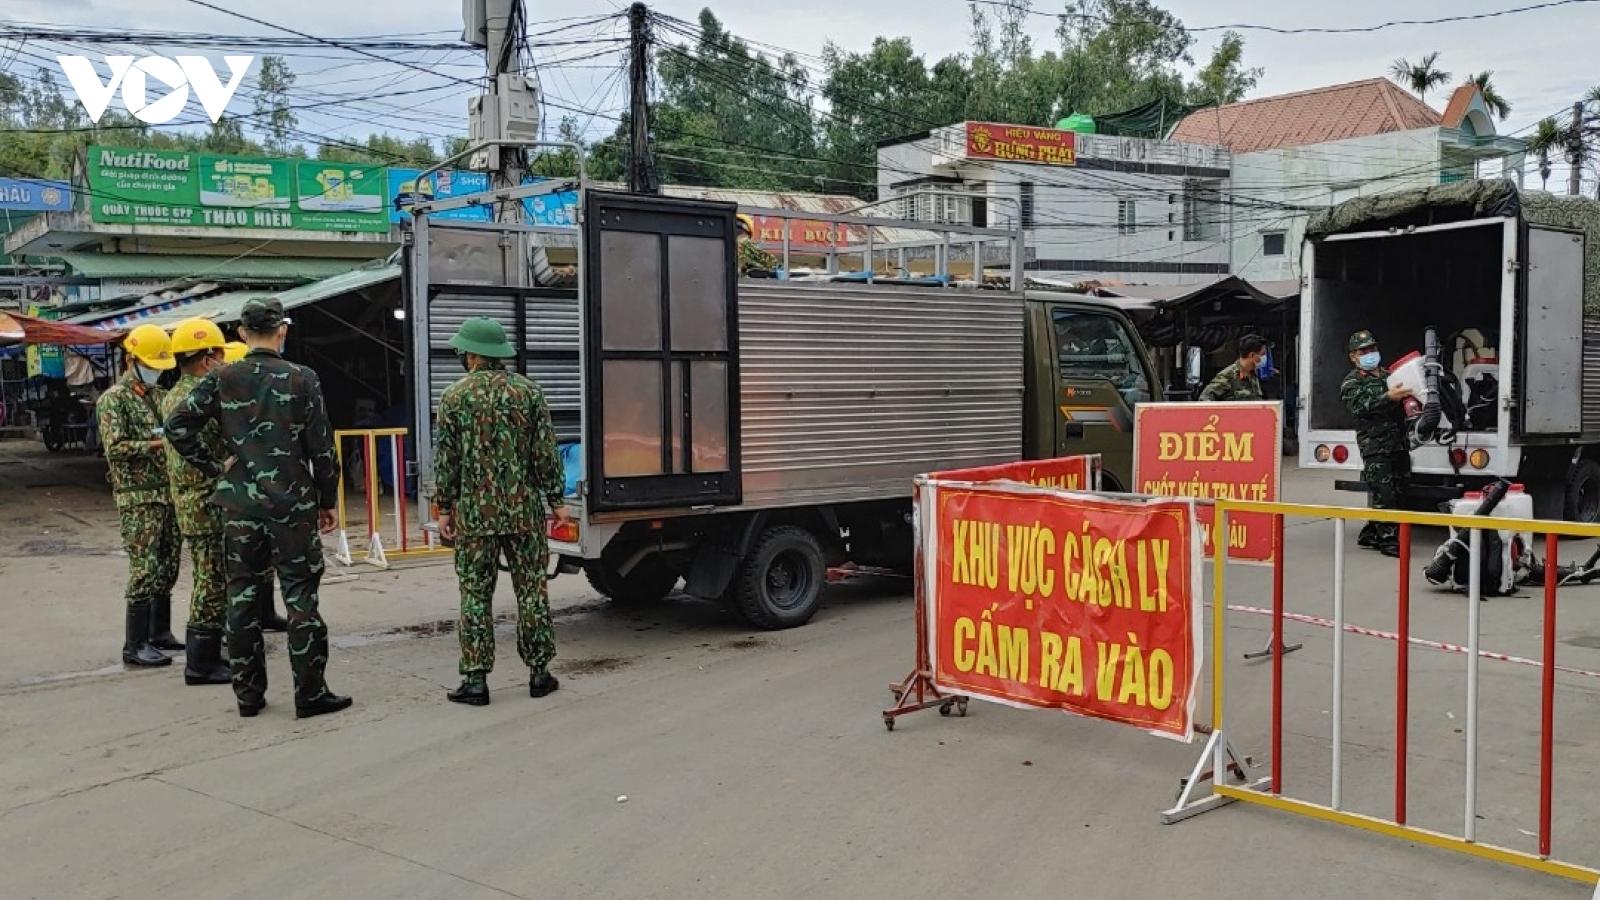 Quảng Ngãi cho phép nhà hàng mở cửa trở lại, phục vụ không quá 20 khách